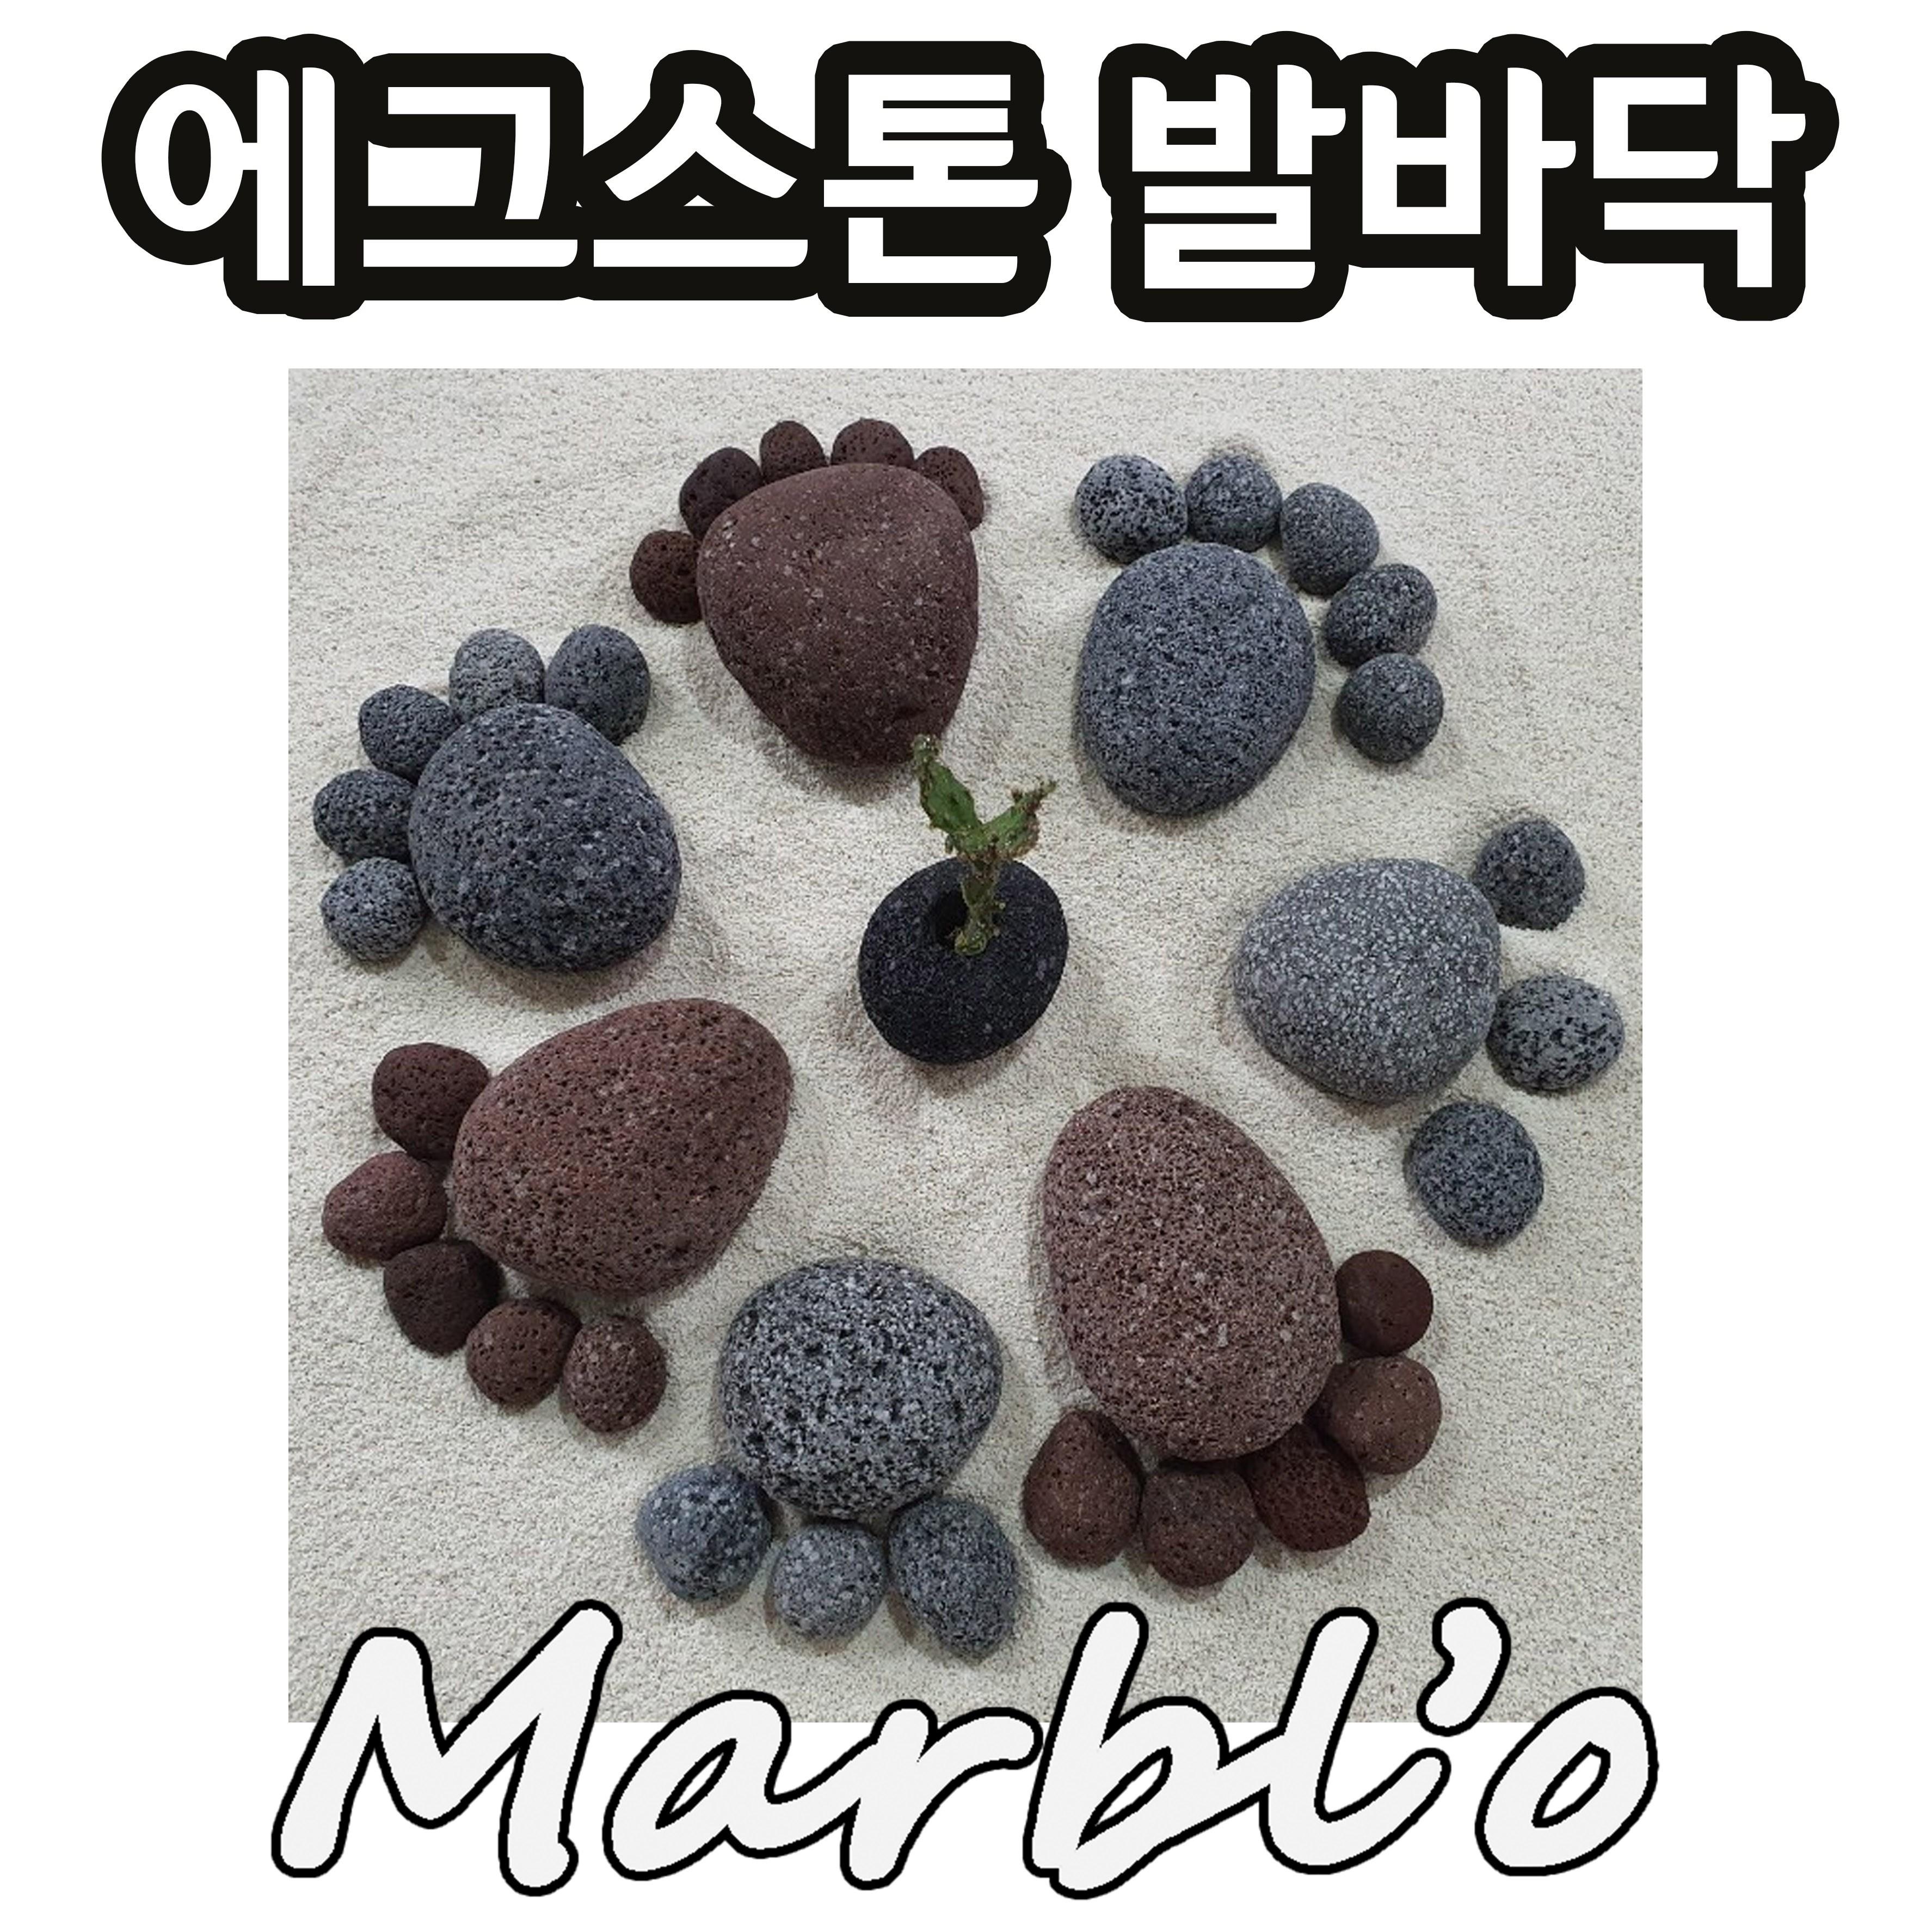 [마블로] 라돈프리 현무암 에그스톤 발바닥 자갈, 에그스톤 발바닥세트 단품